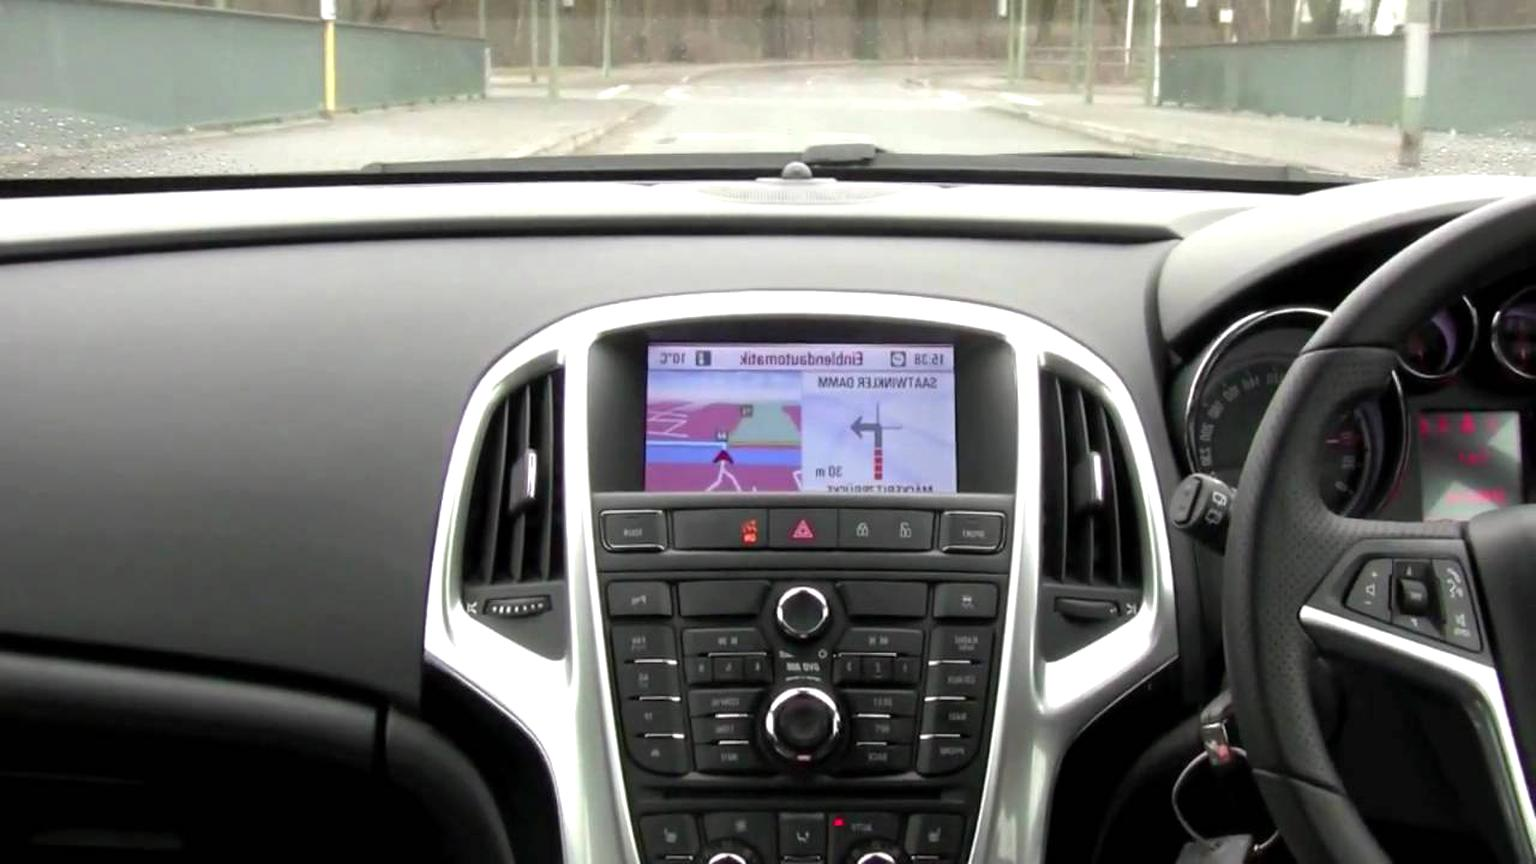 Opel Dvd 800 gebraucht kaufen! Nur noch 2 St. bis -65% ...